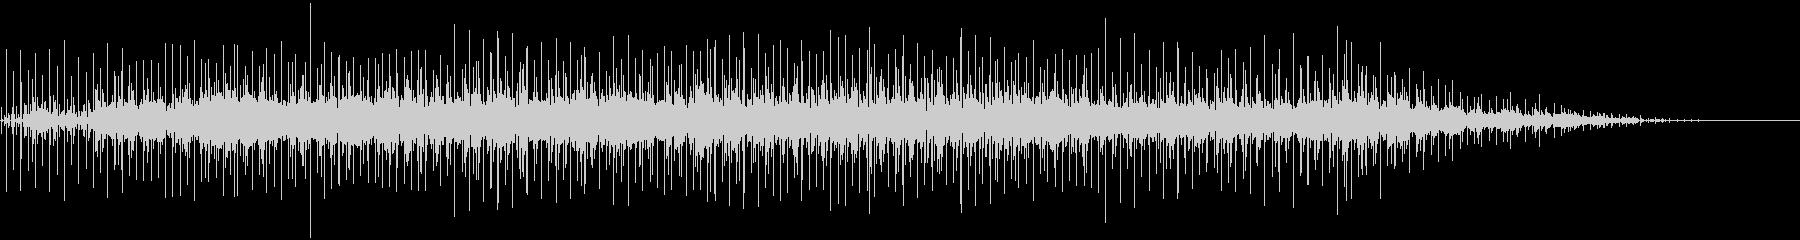 アコギによるブルースの未再生の波形